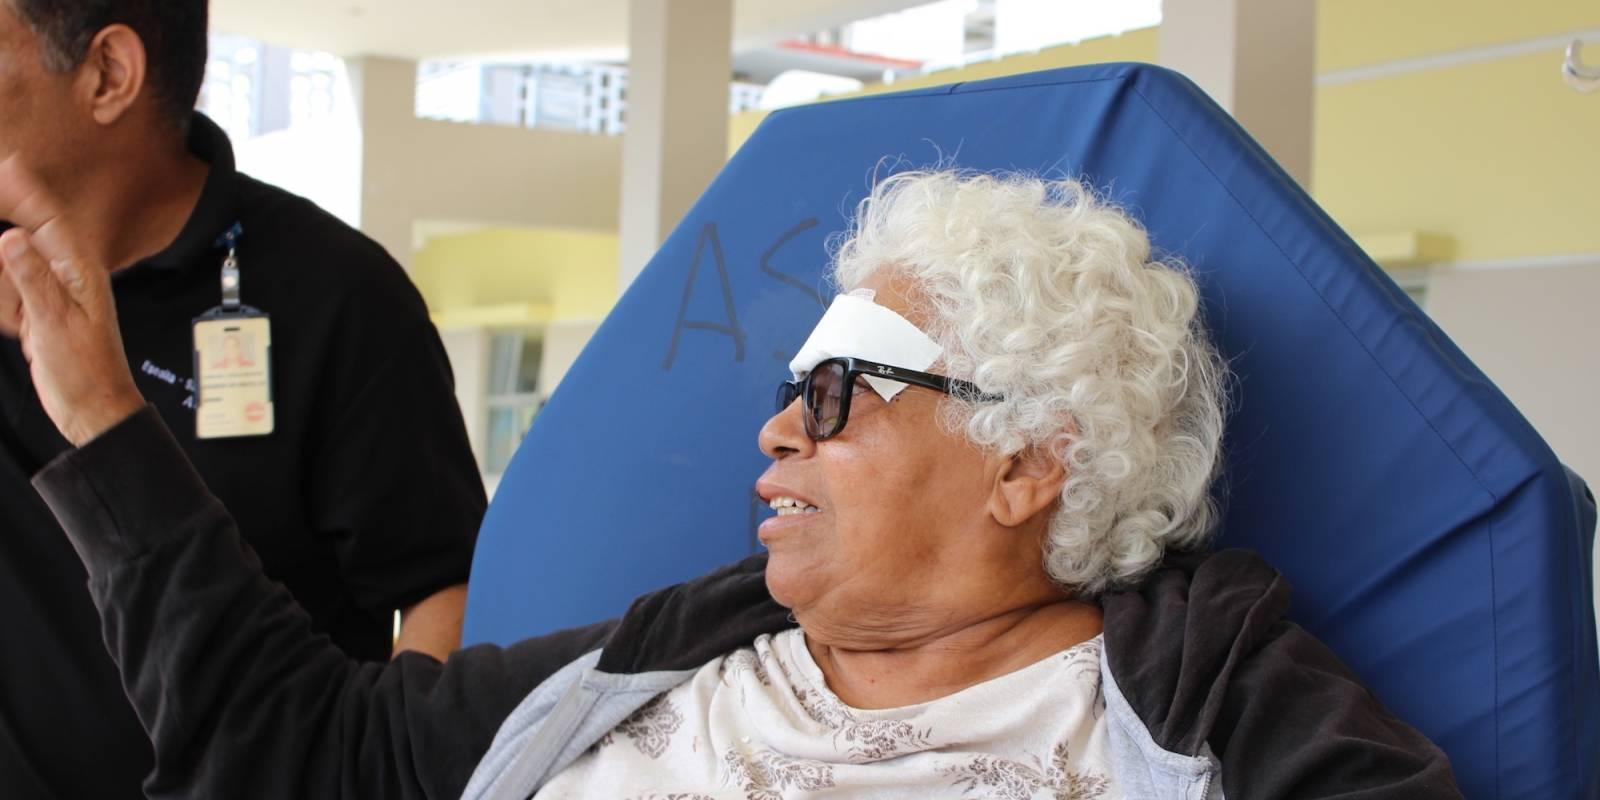 Carmen regresaría ayer en a tarde al hogar de su hija, luego de haber sido atendida en la Sala de Emergencias del Centro Médico. / Foto: Miguel Dejesús